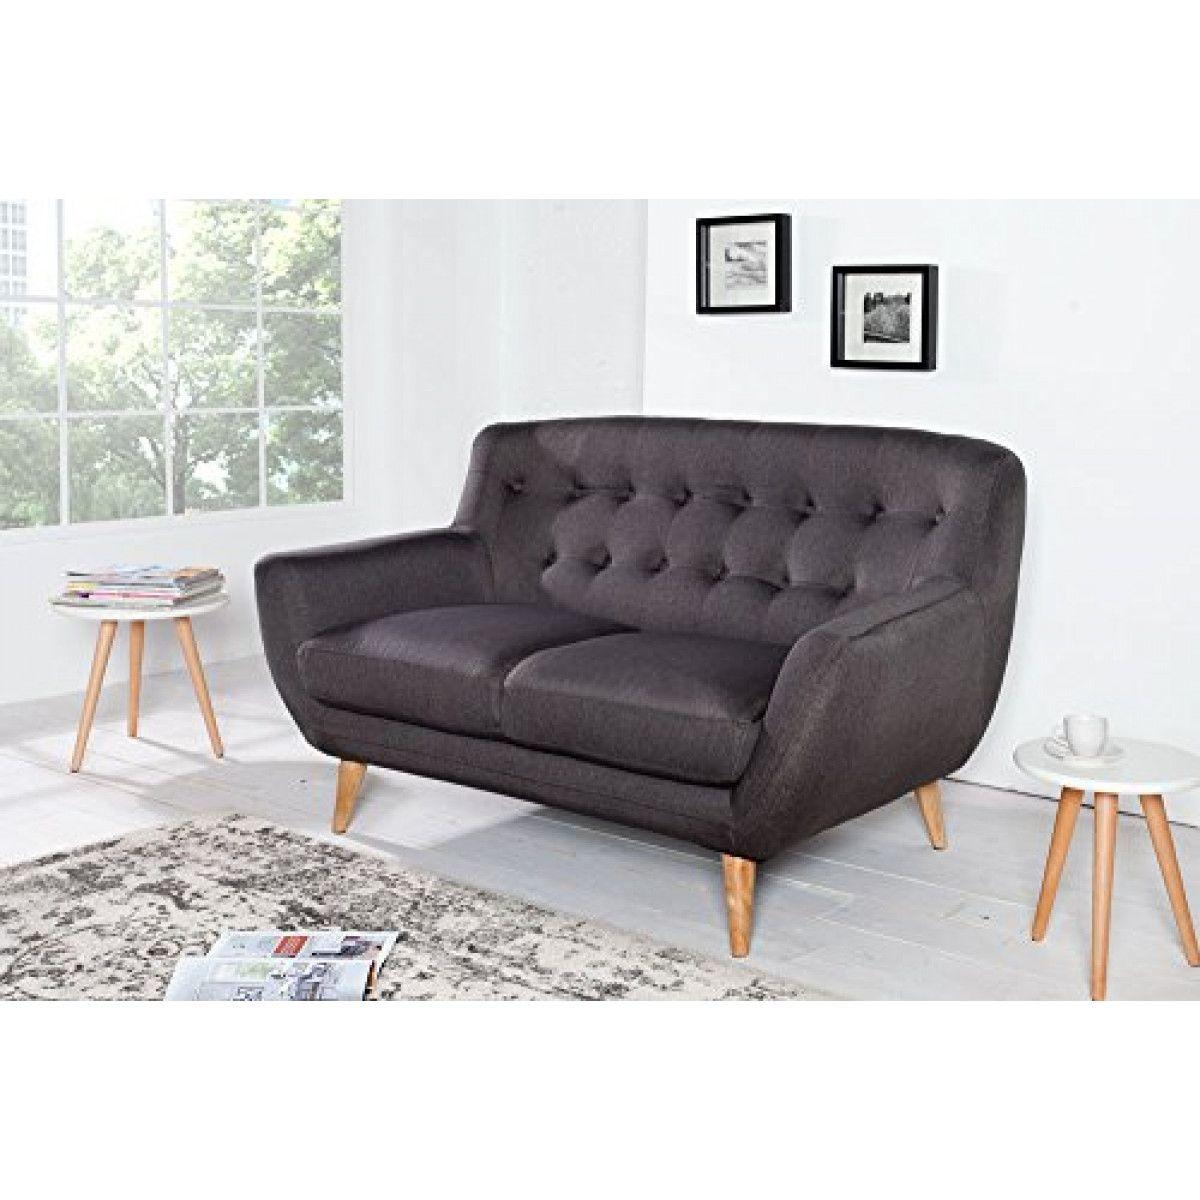 Faszinierend Sofa 2er Galerie Von Invicta Interior 36548 Scandinavia Ii 2er, Anthrazit